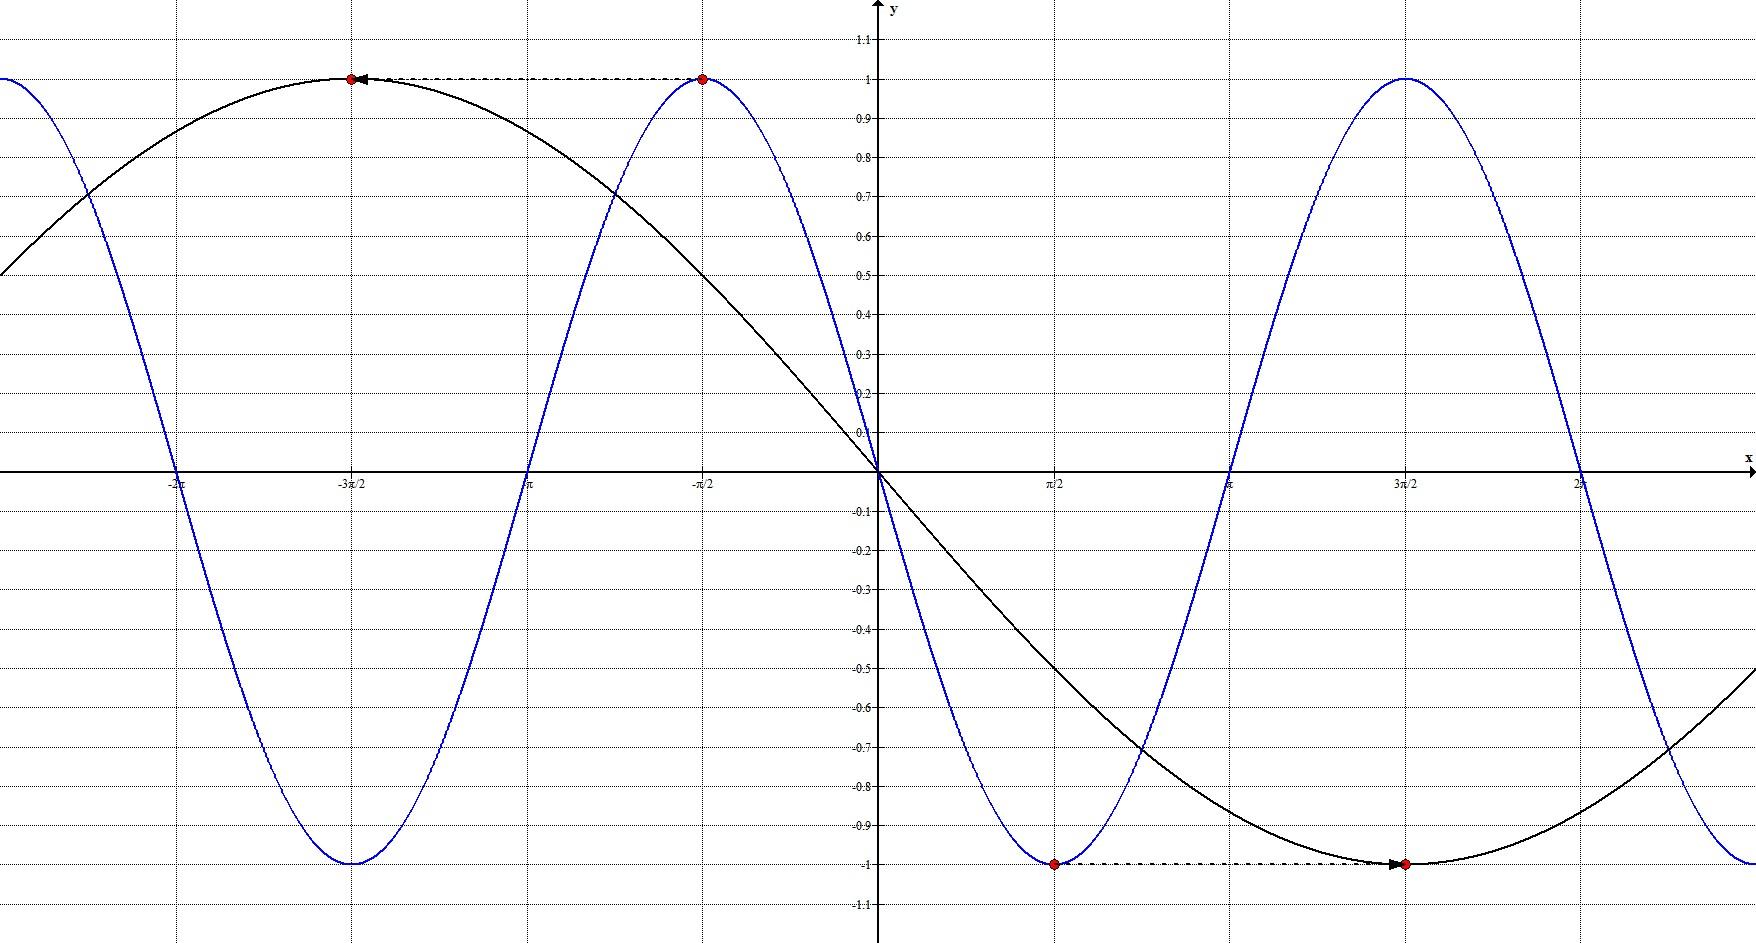 Геометрические преобразования. Общий случай. График 2.